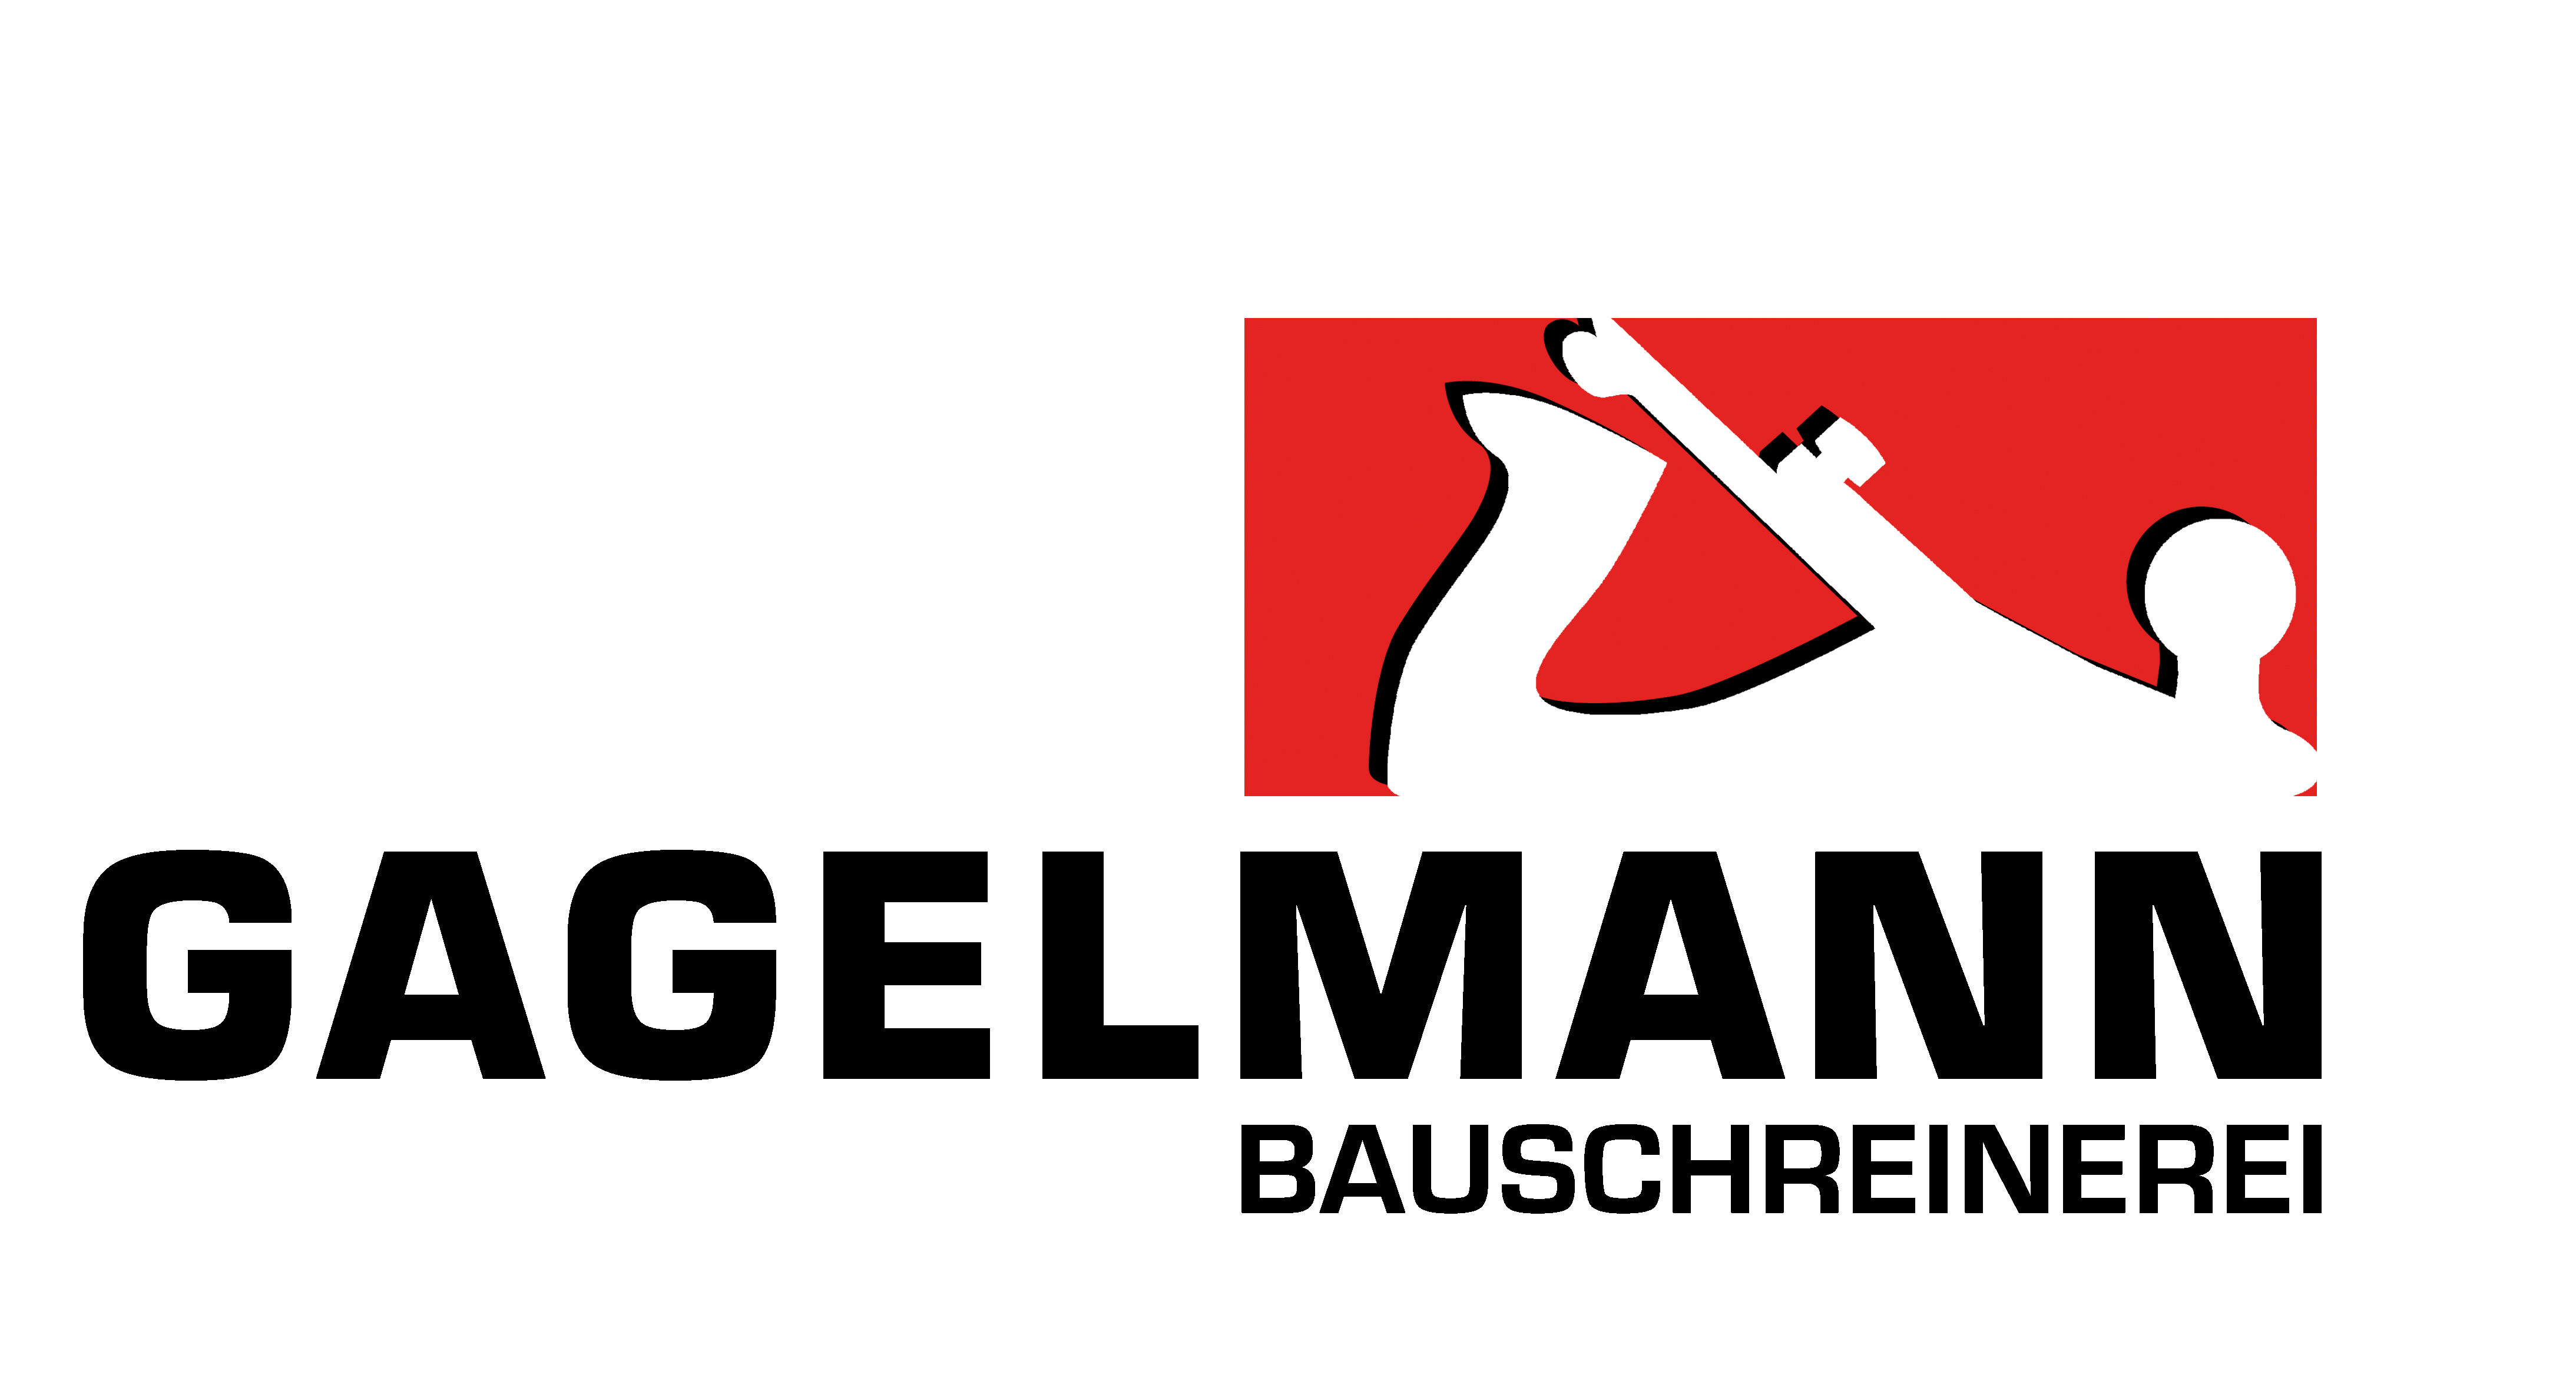 Gagelmann - Bauschreinerei